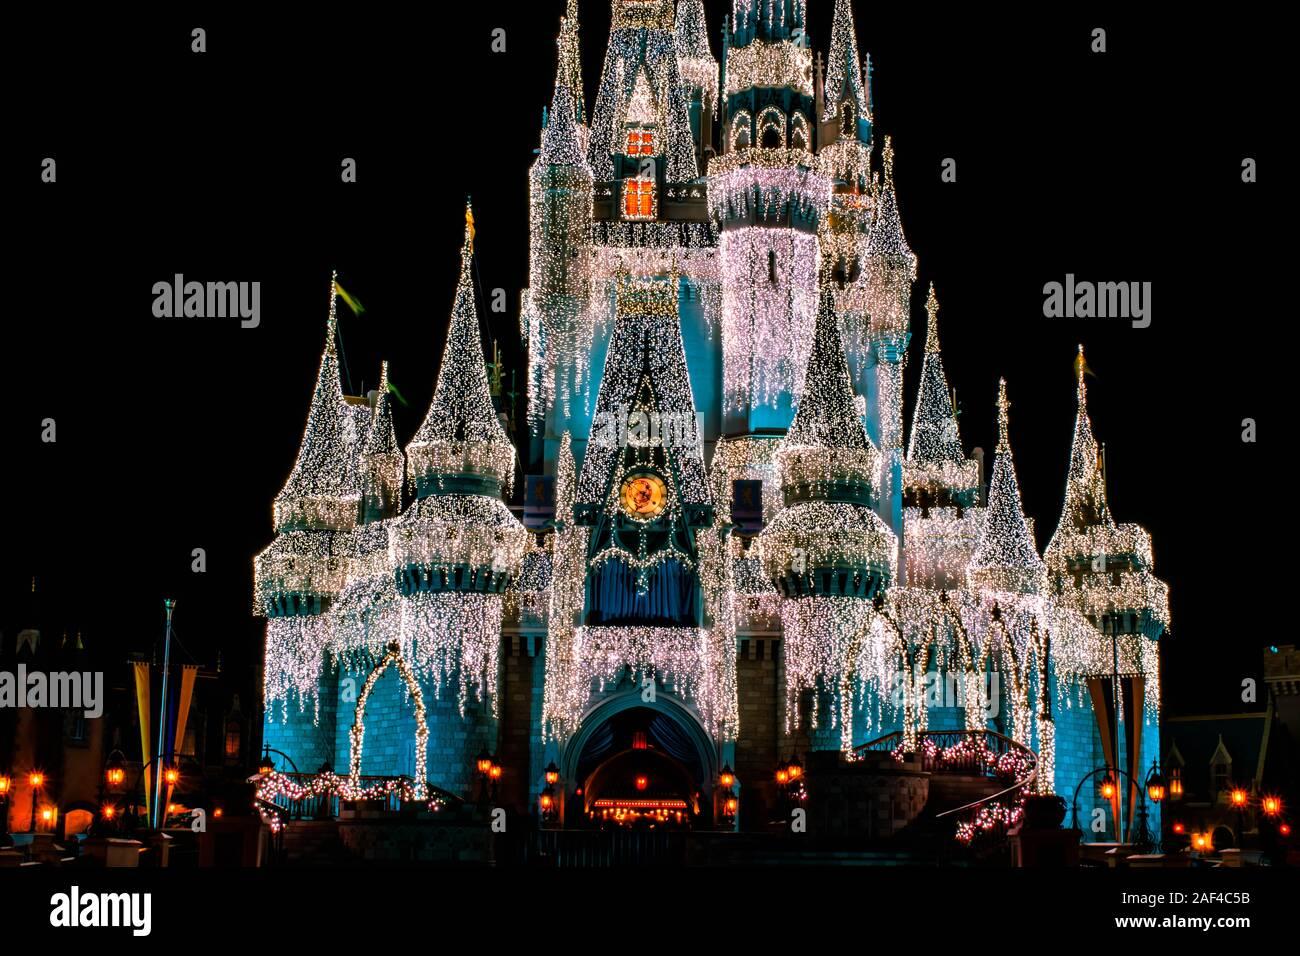 Orlando, Florida. Diciembre 05, 2019 . Vista parcial de Cinderella Castle con decoración de Navidad en Magic Kingdom Foto de stock